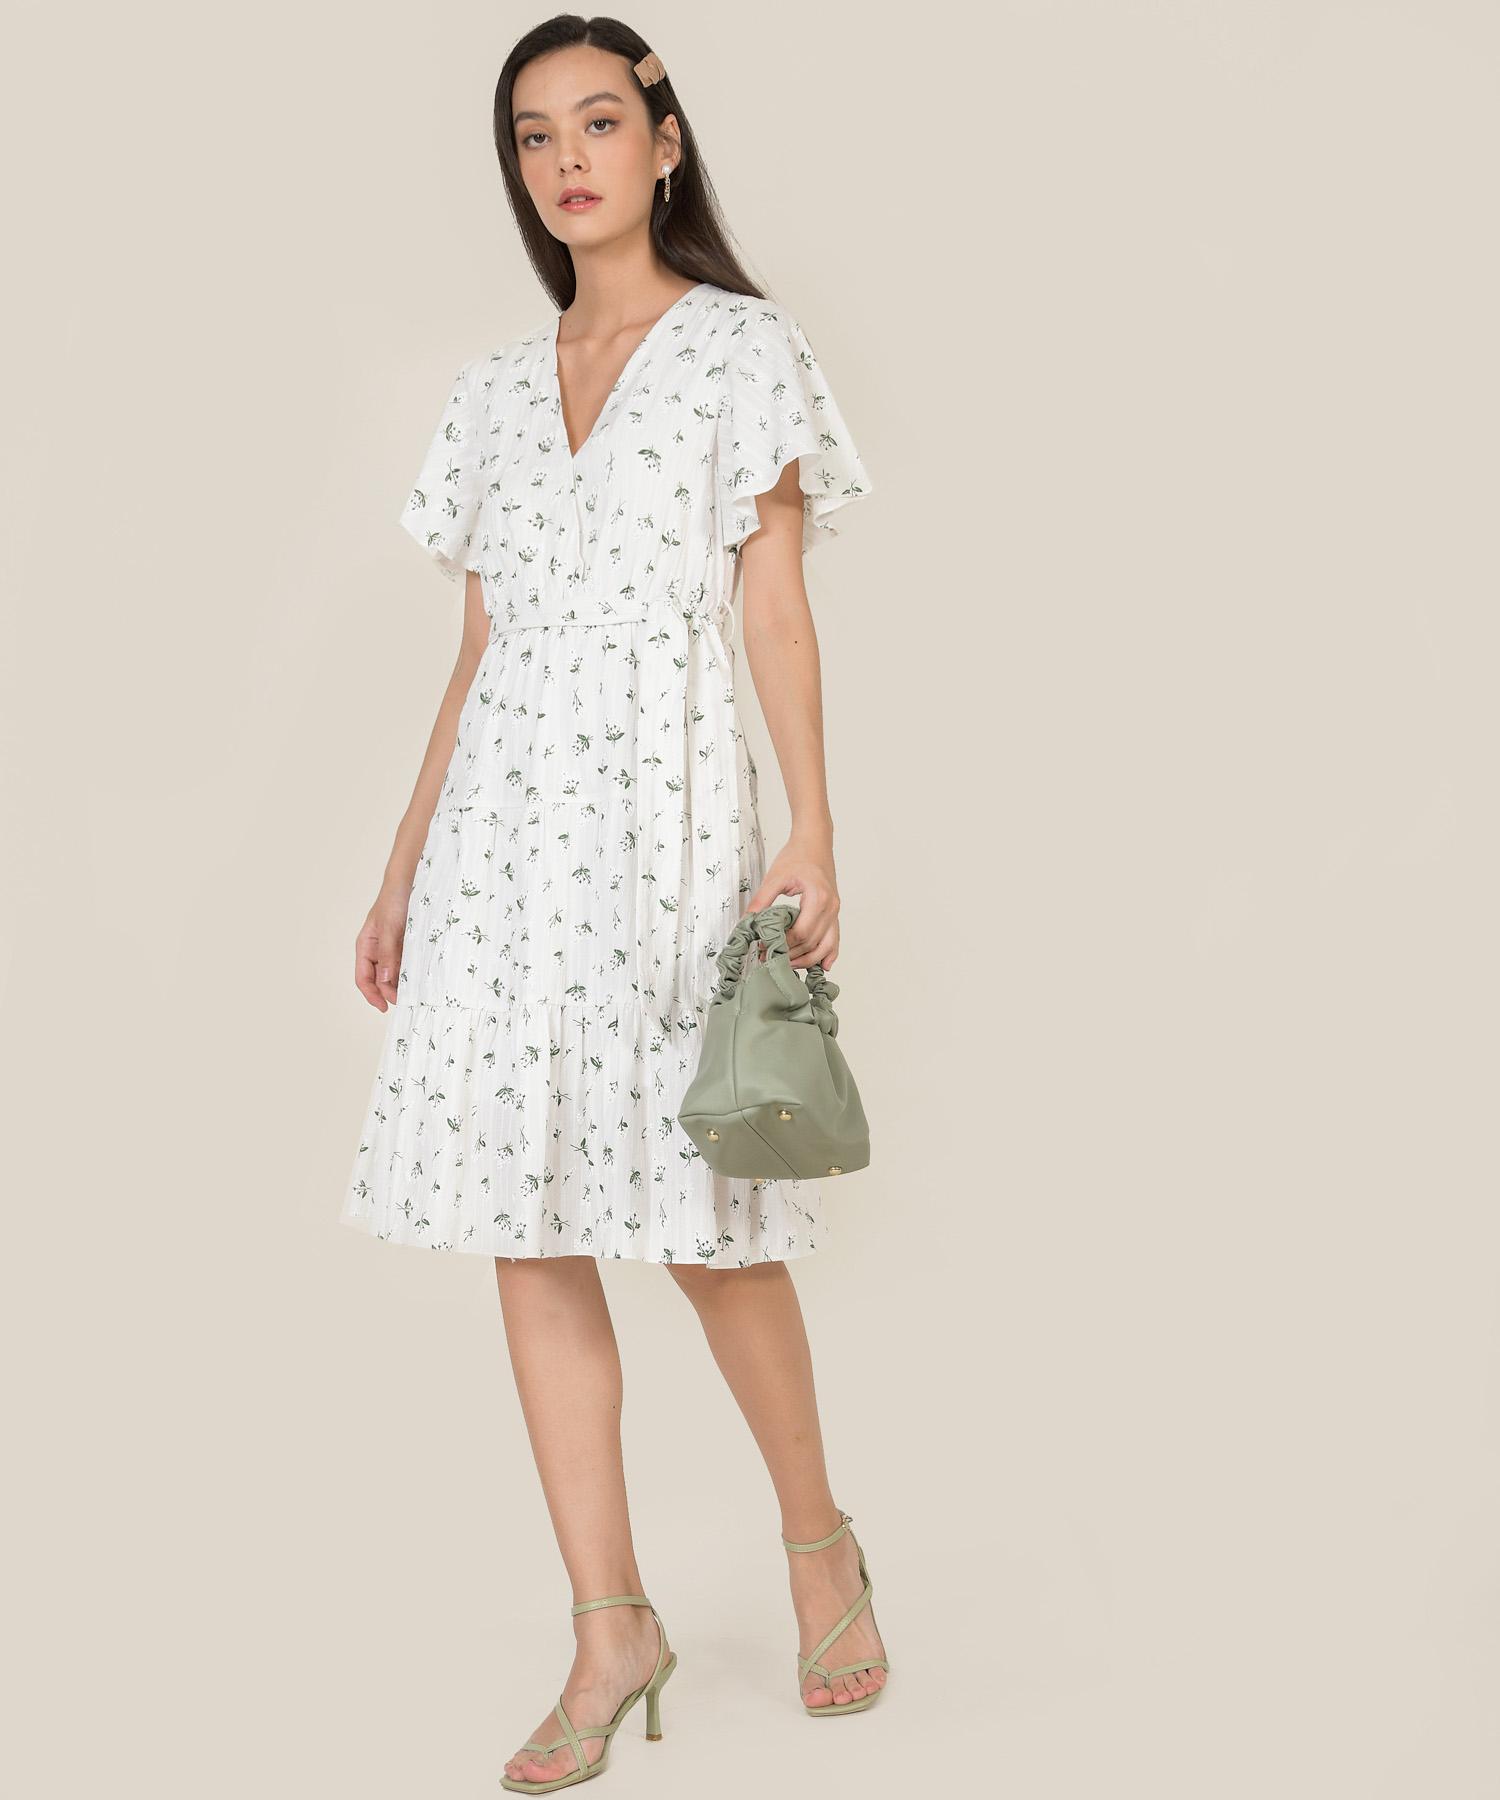 hvv-atelier-diorette-floral-textured-midi-dress-white-1